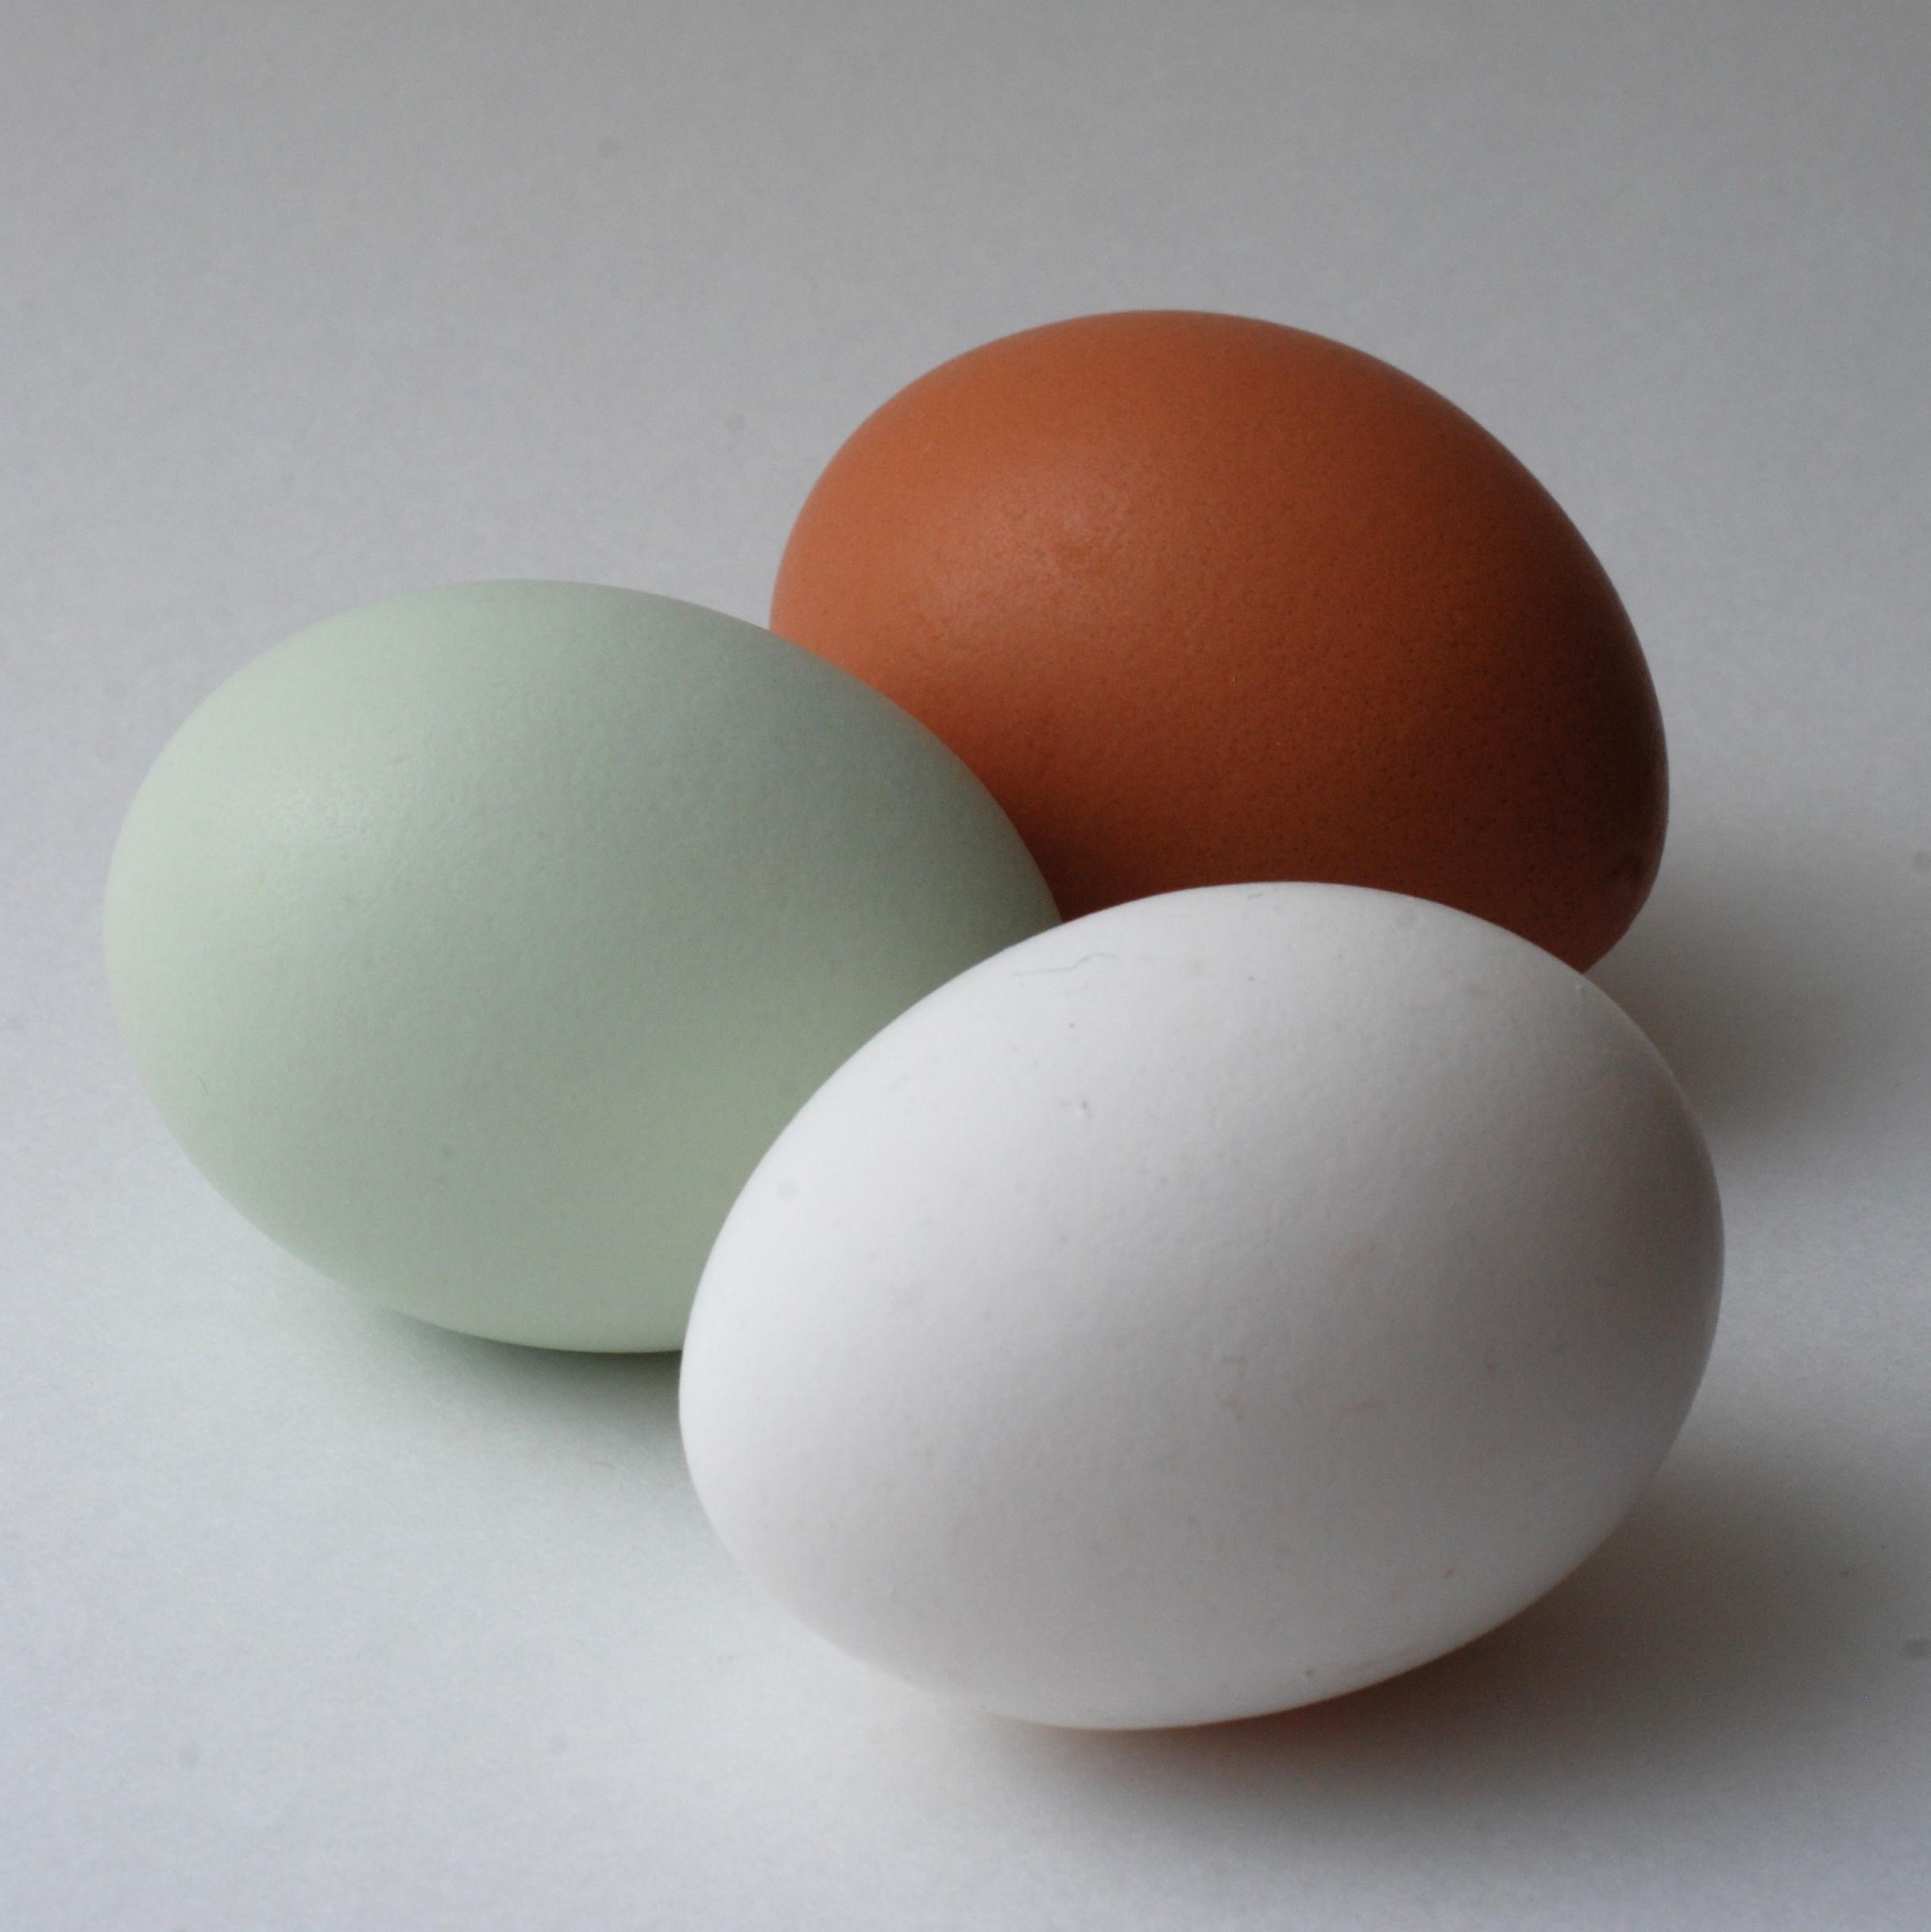 Risultati immagini per eggs